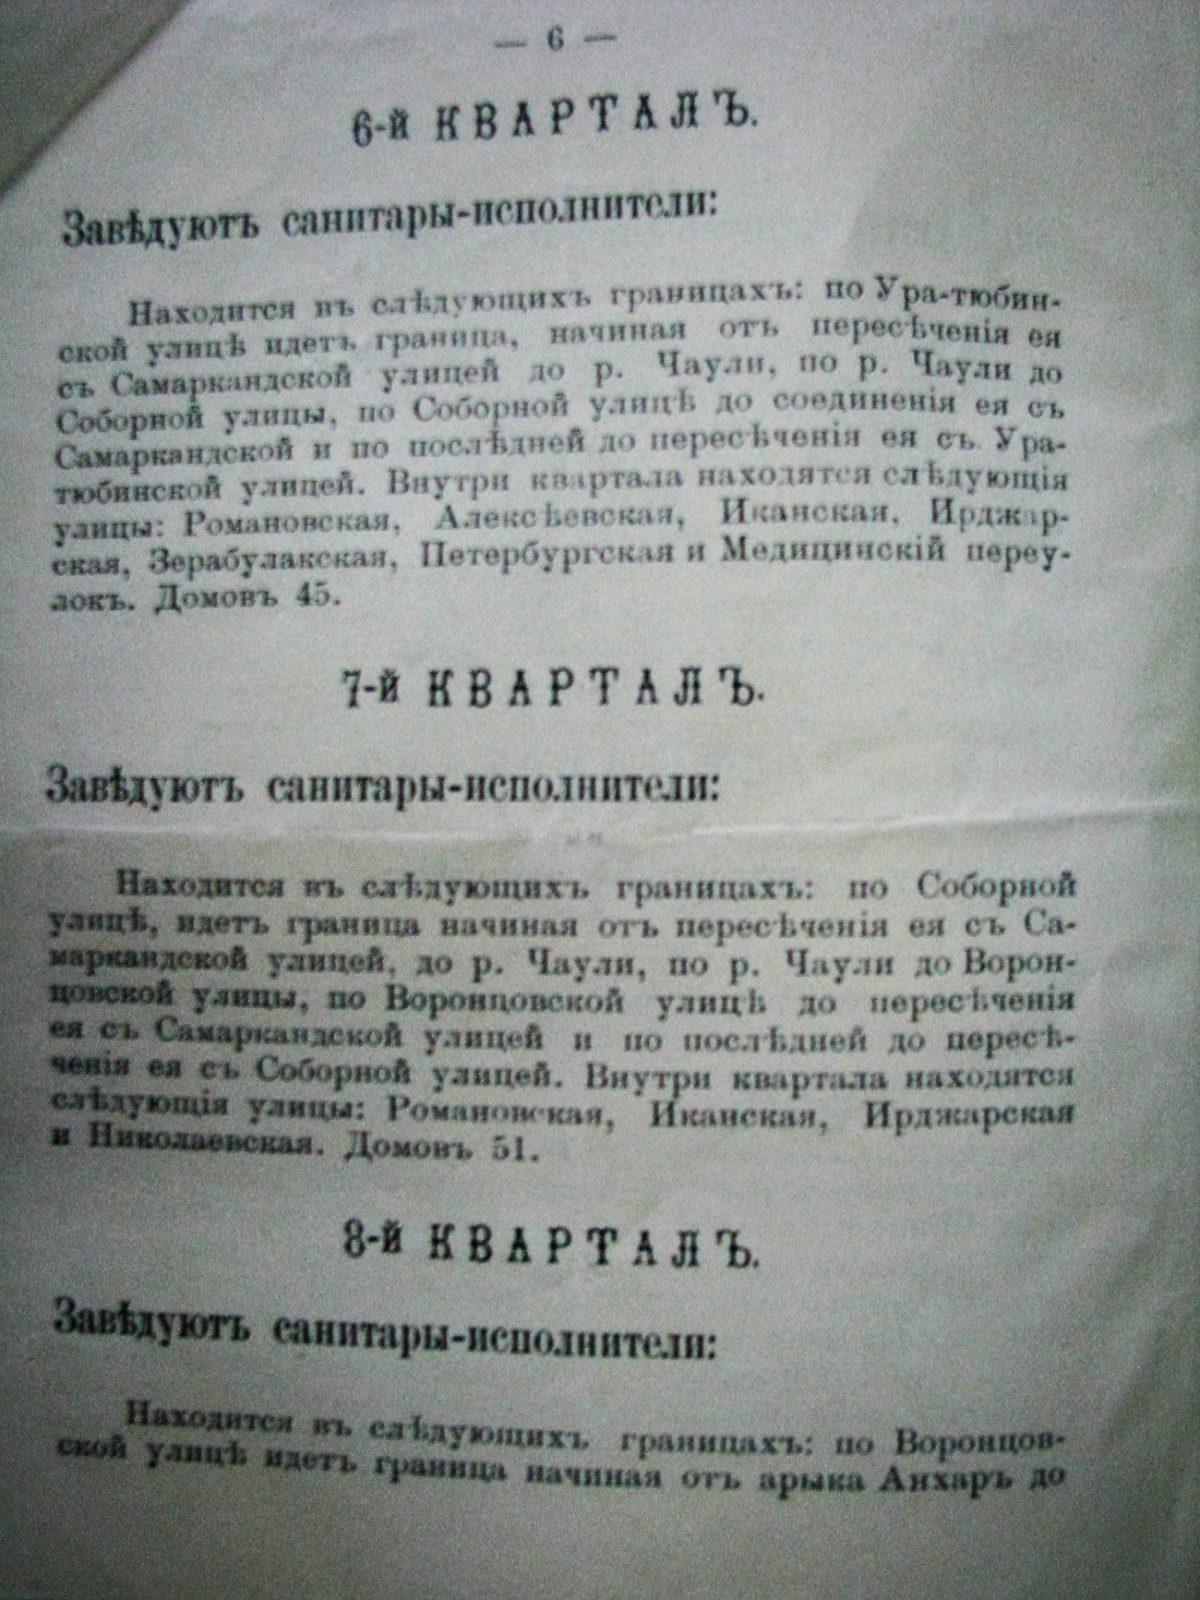 Ташкент_shosh (5)